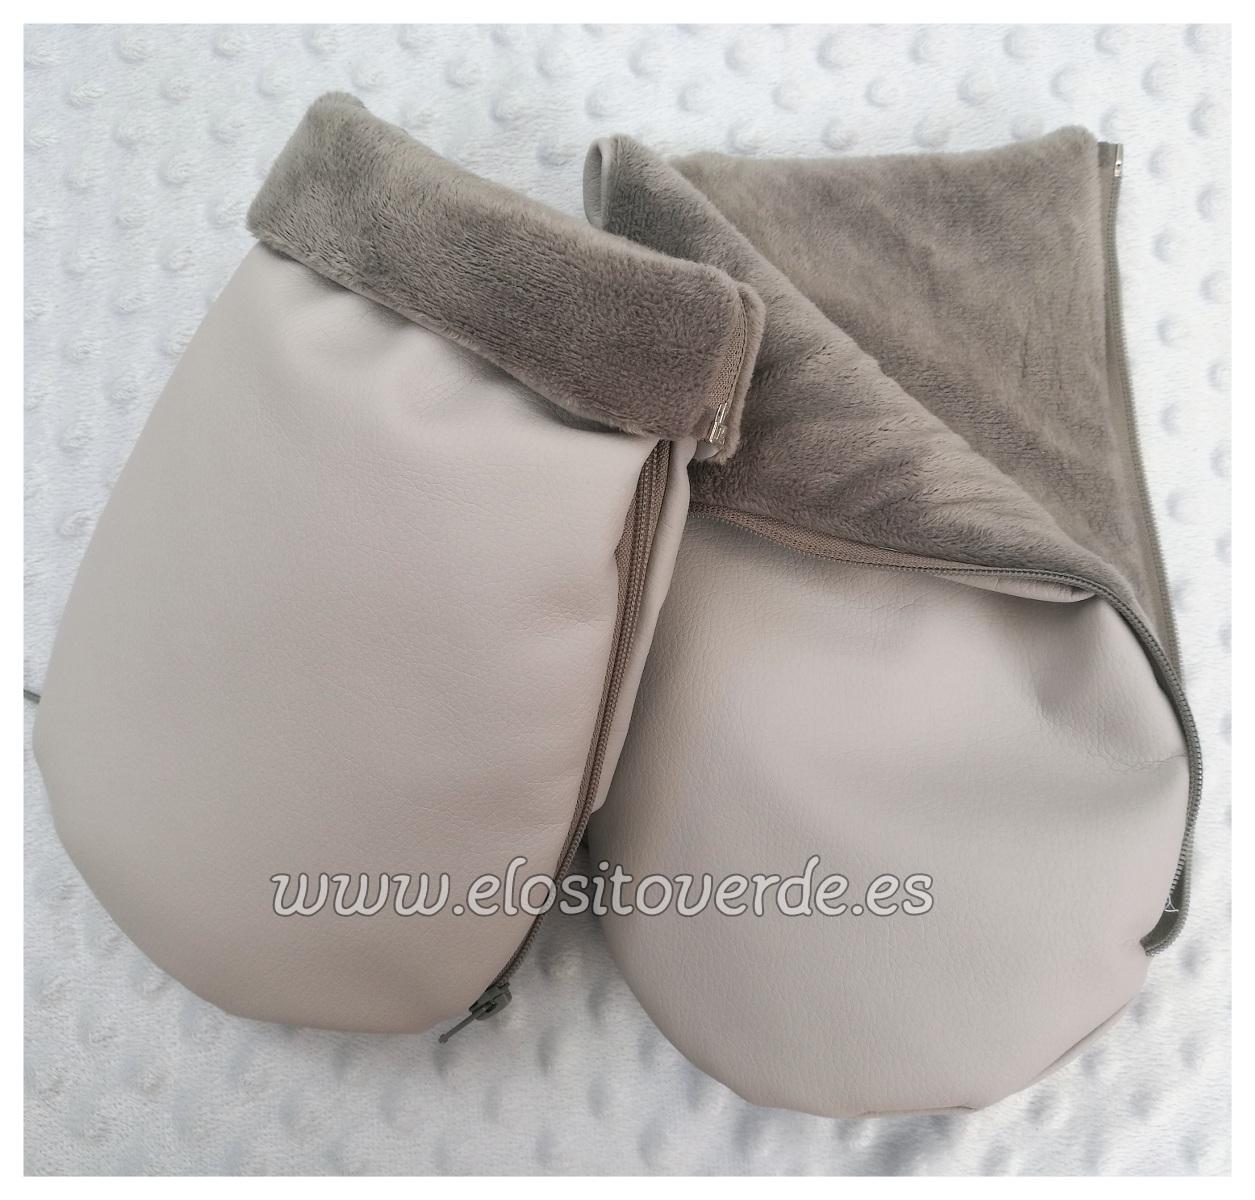 sitio web para descuento comprar el más nuevo características sobresalientes Manoplas poli piel Silla o carrito Bebé Gris 2018